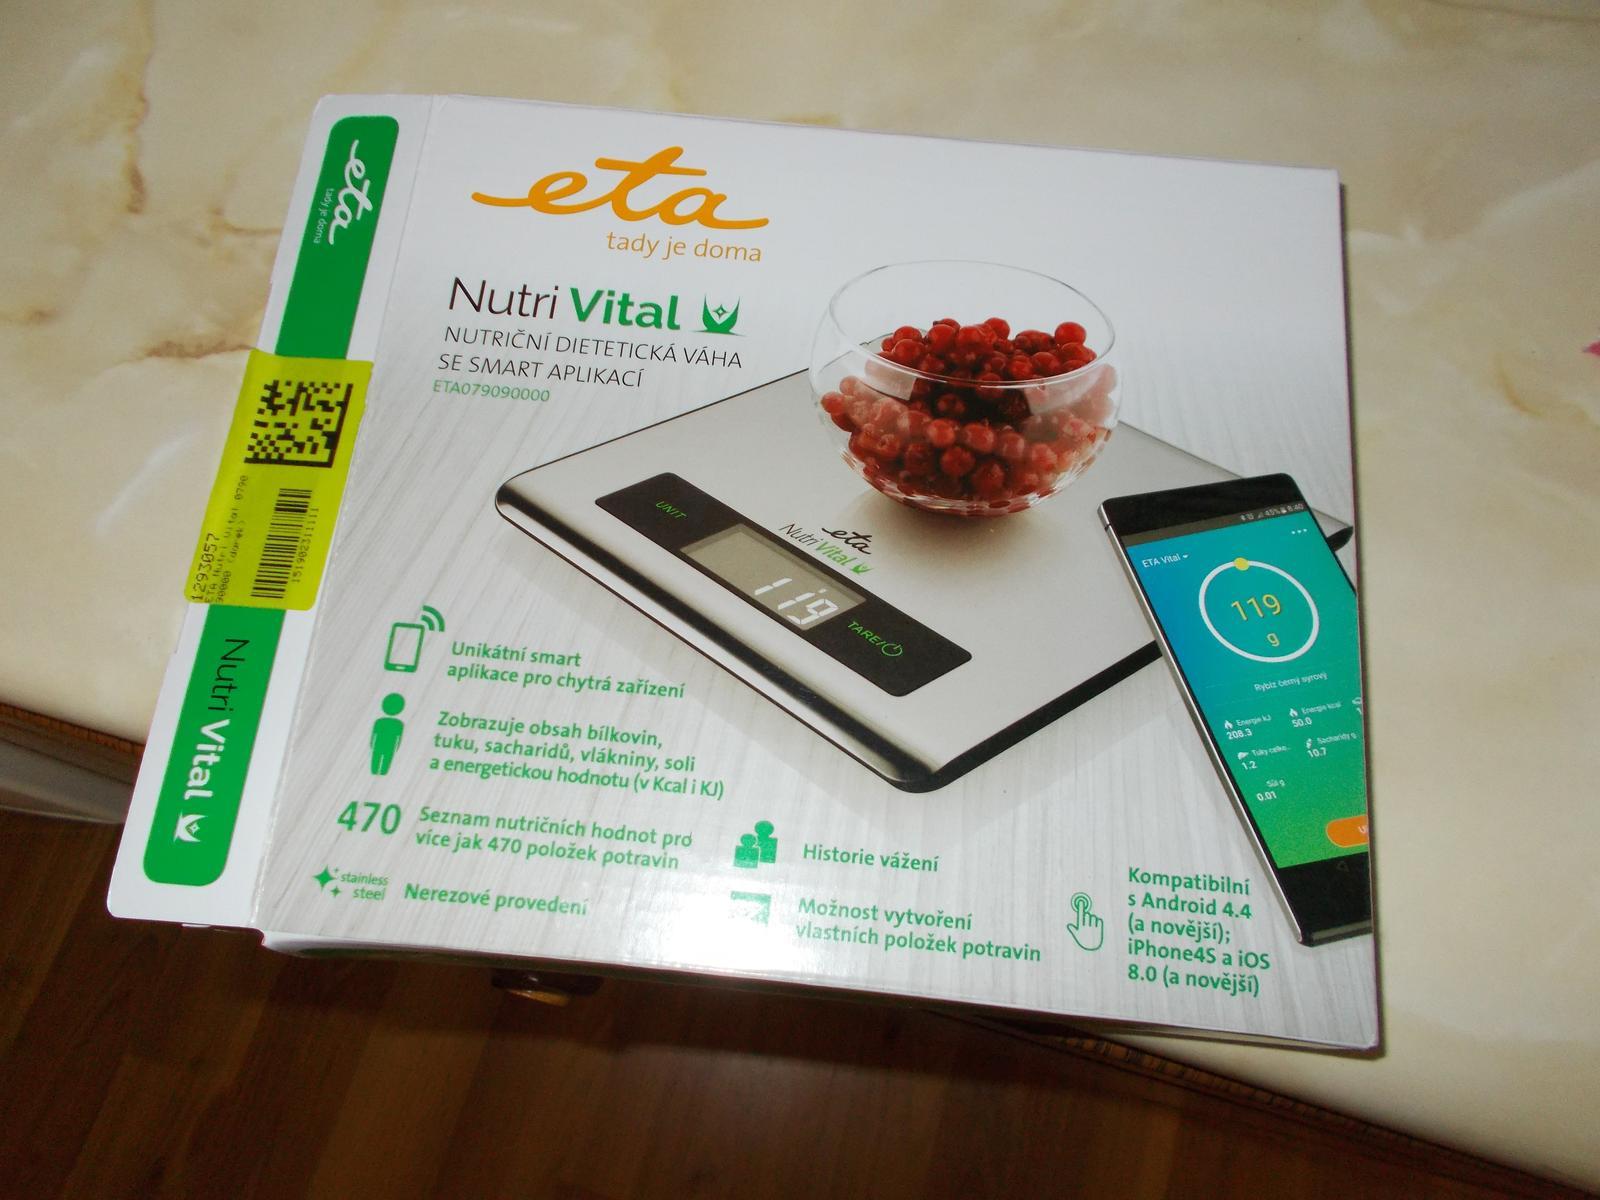 Eta nutri vital vaha - Obrázok č. 1